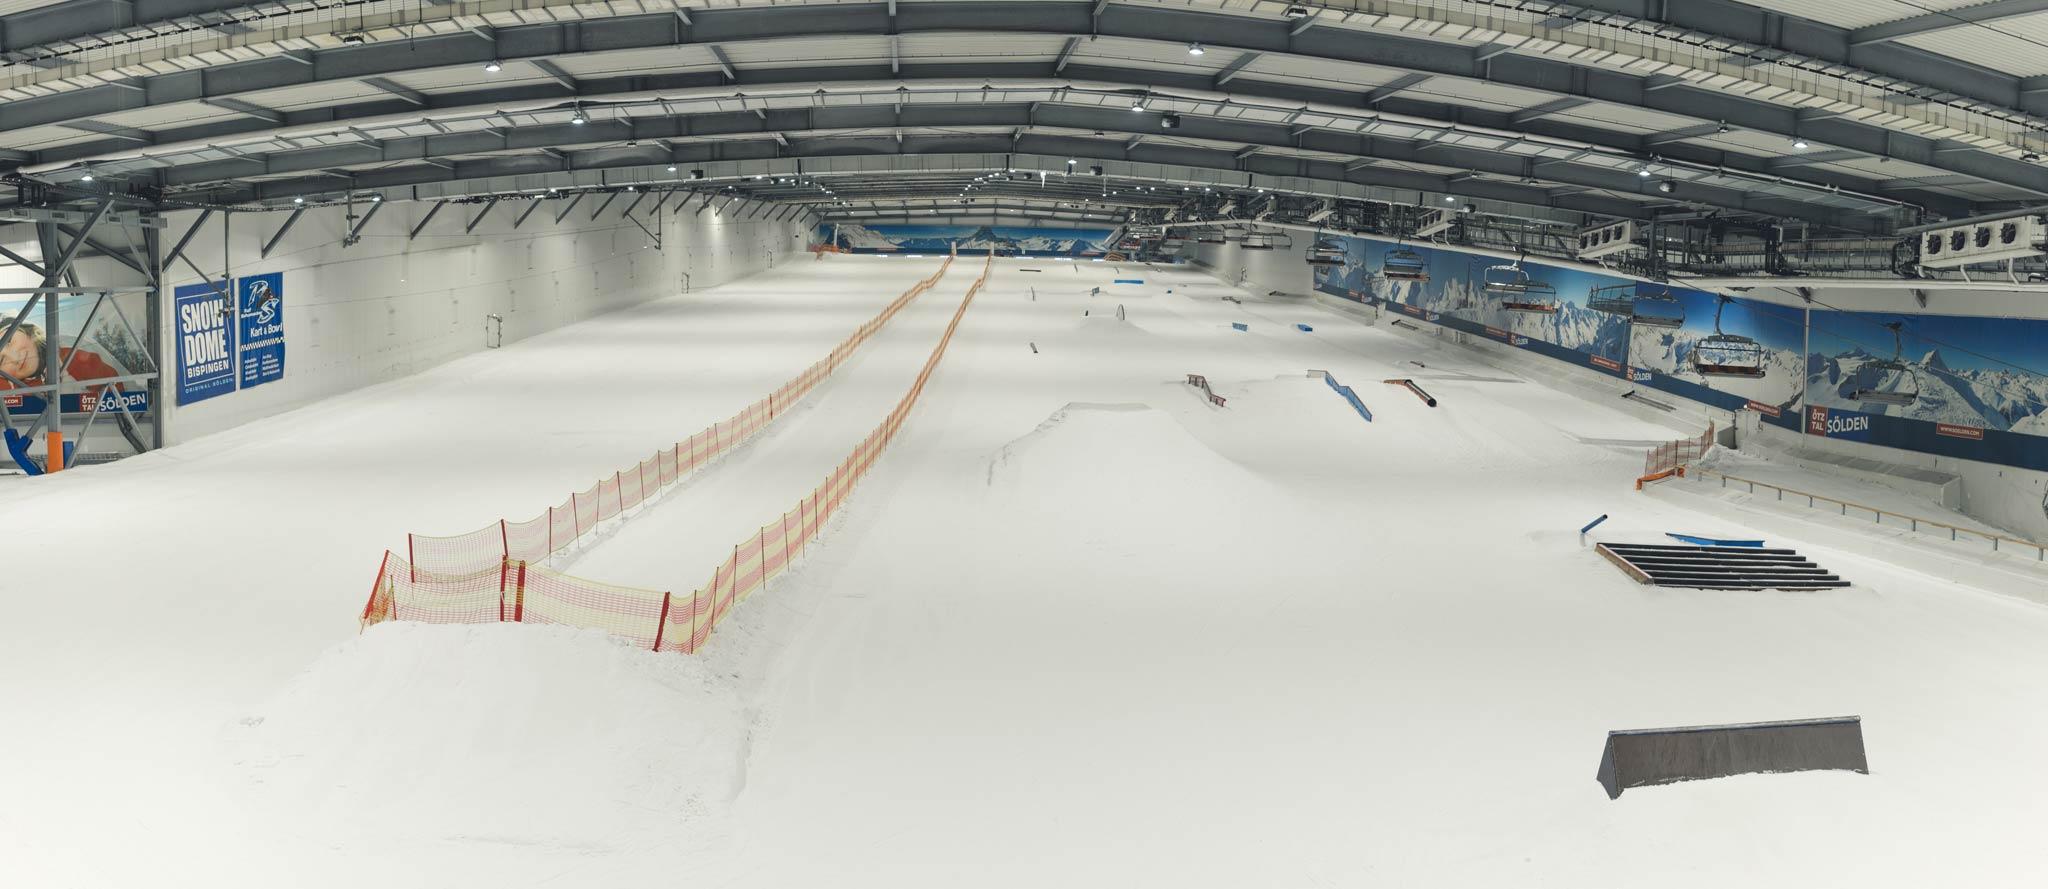 Im Zeitraum von Anfang Juni bis Ende Oktober bot der Snowpark Bispingen, ca. 70km von Hamburg entfernt, das weltweit größte indoor Setup an.